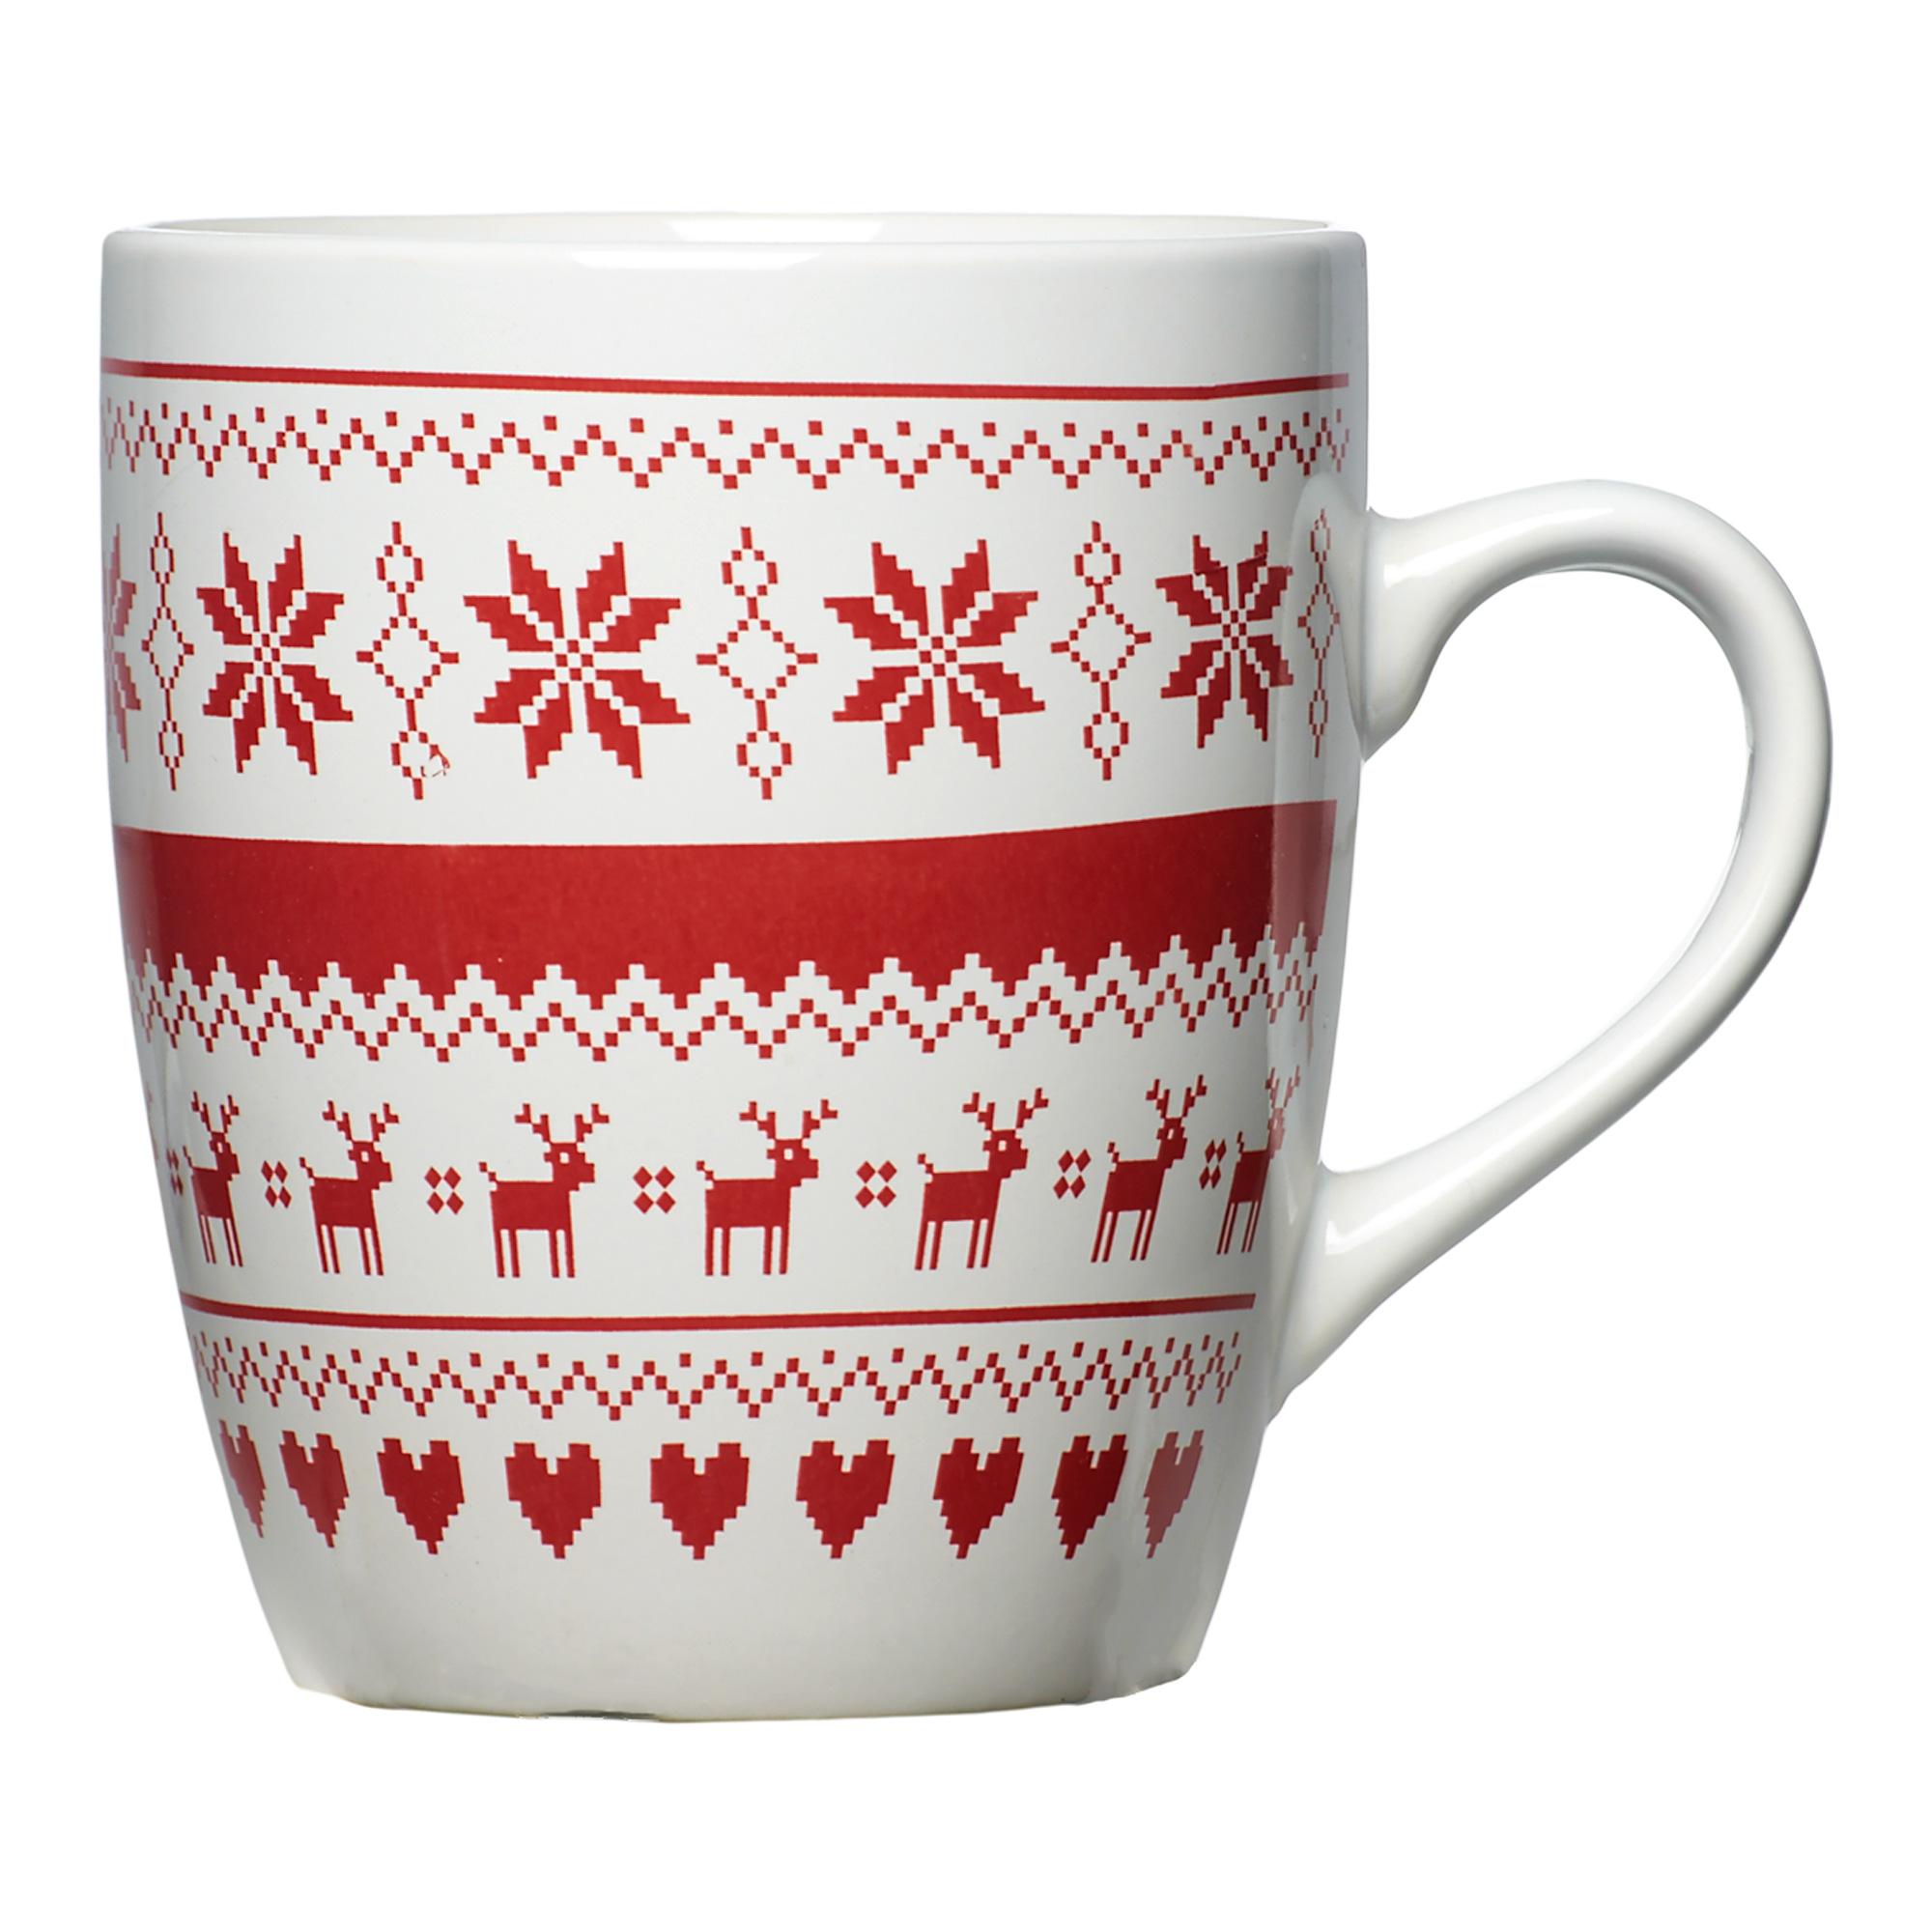 107002104-Jumbo Nordic Print Christmas Mug-1